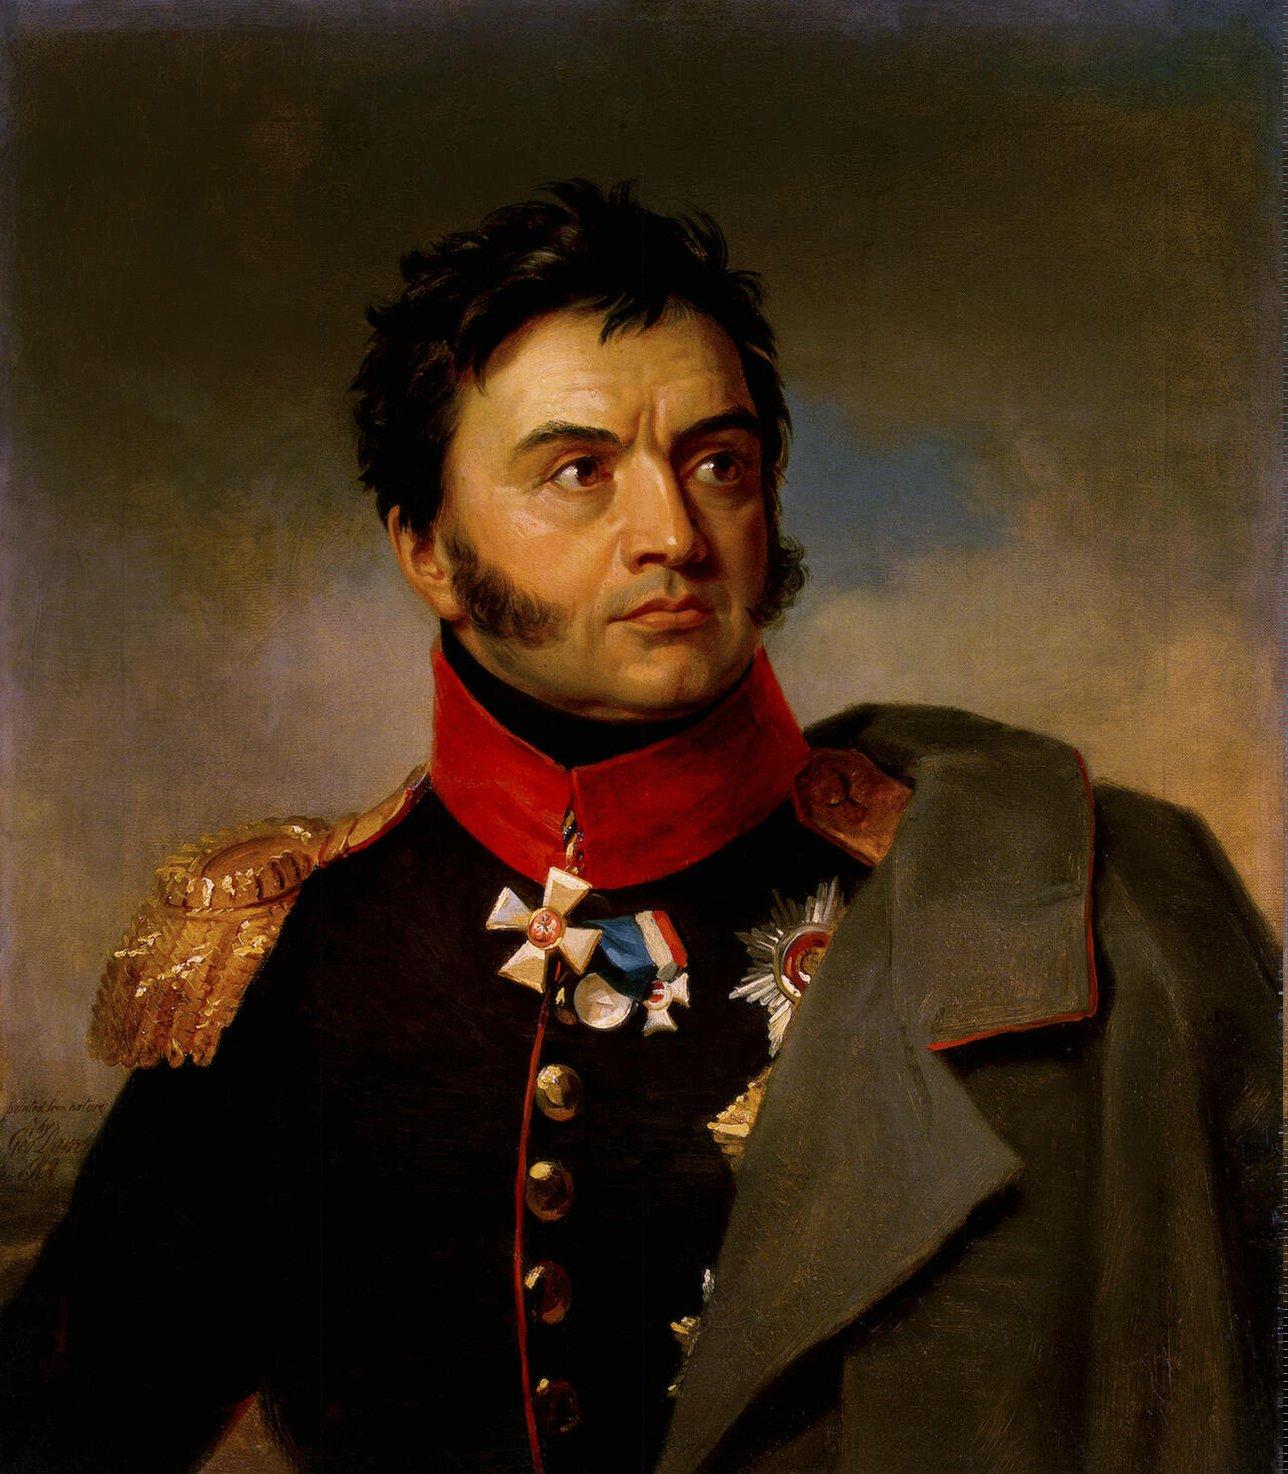 Николај Рајевски, истоимени деда пуковника Рајевског